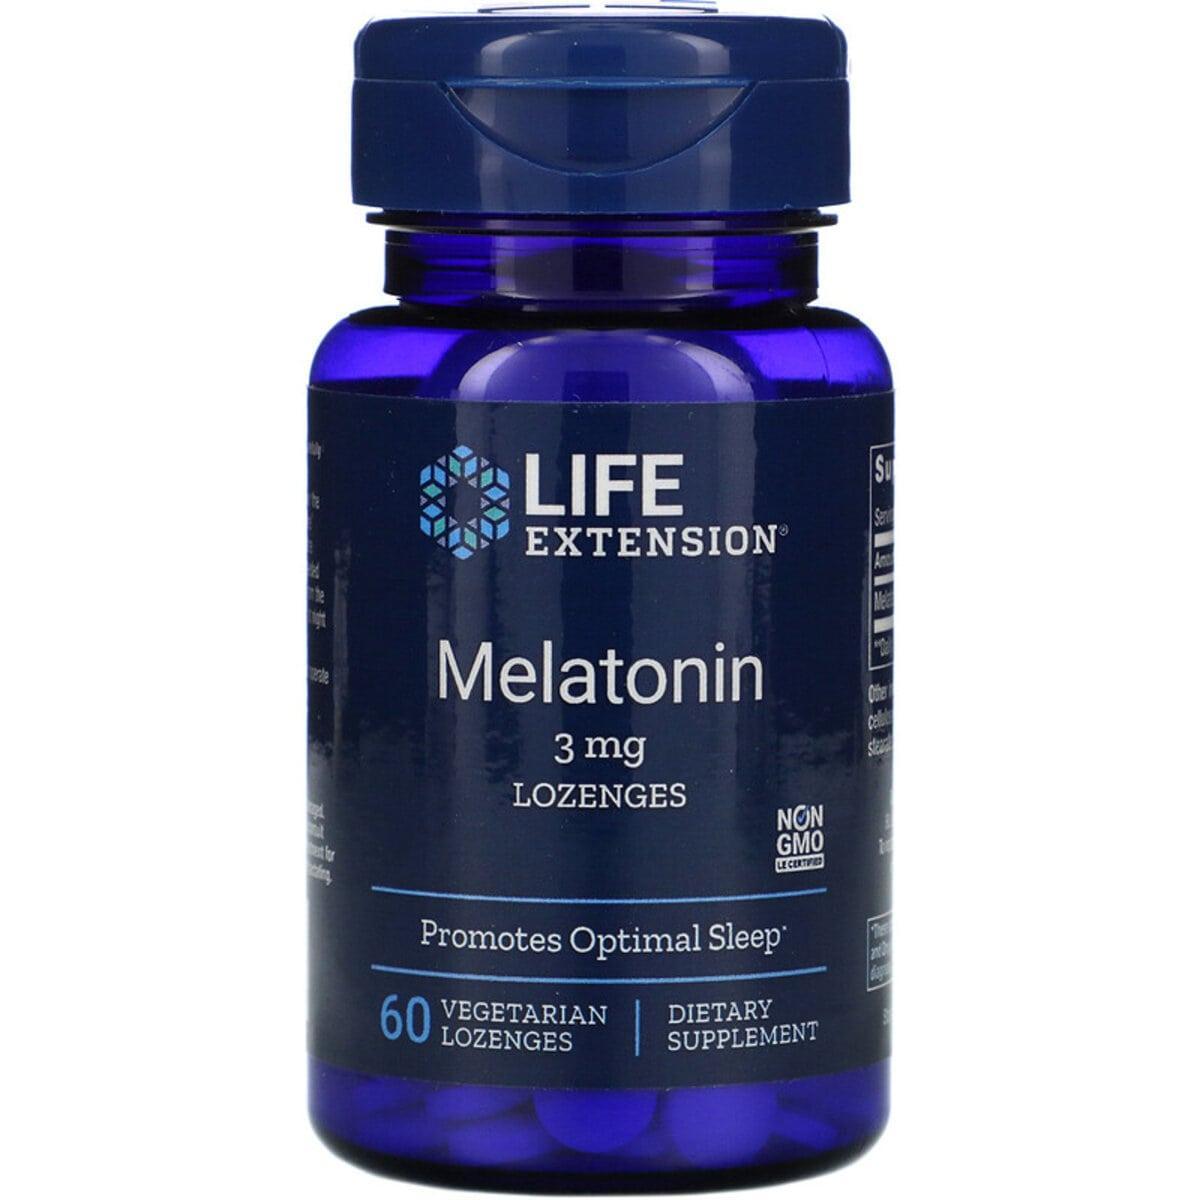 Мелатонин, Melatonin, Life Extension, 3 мг, 60 вегетарианских леденцов